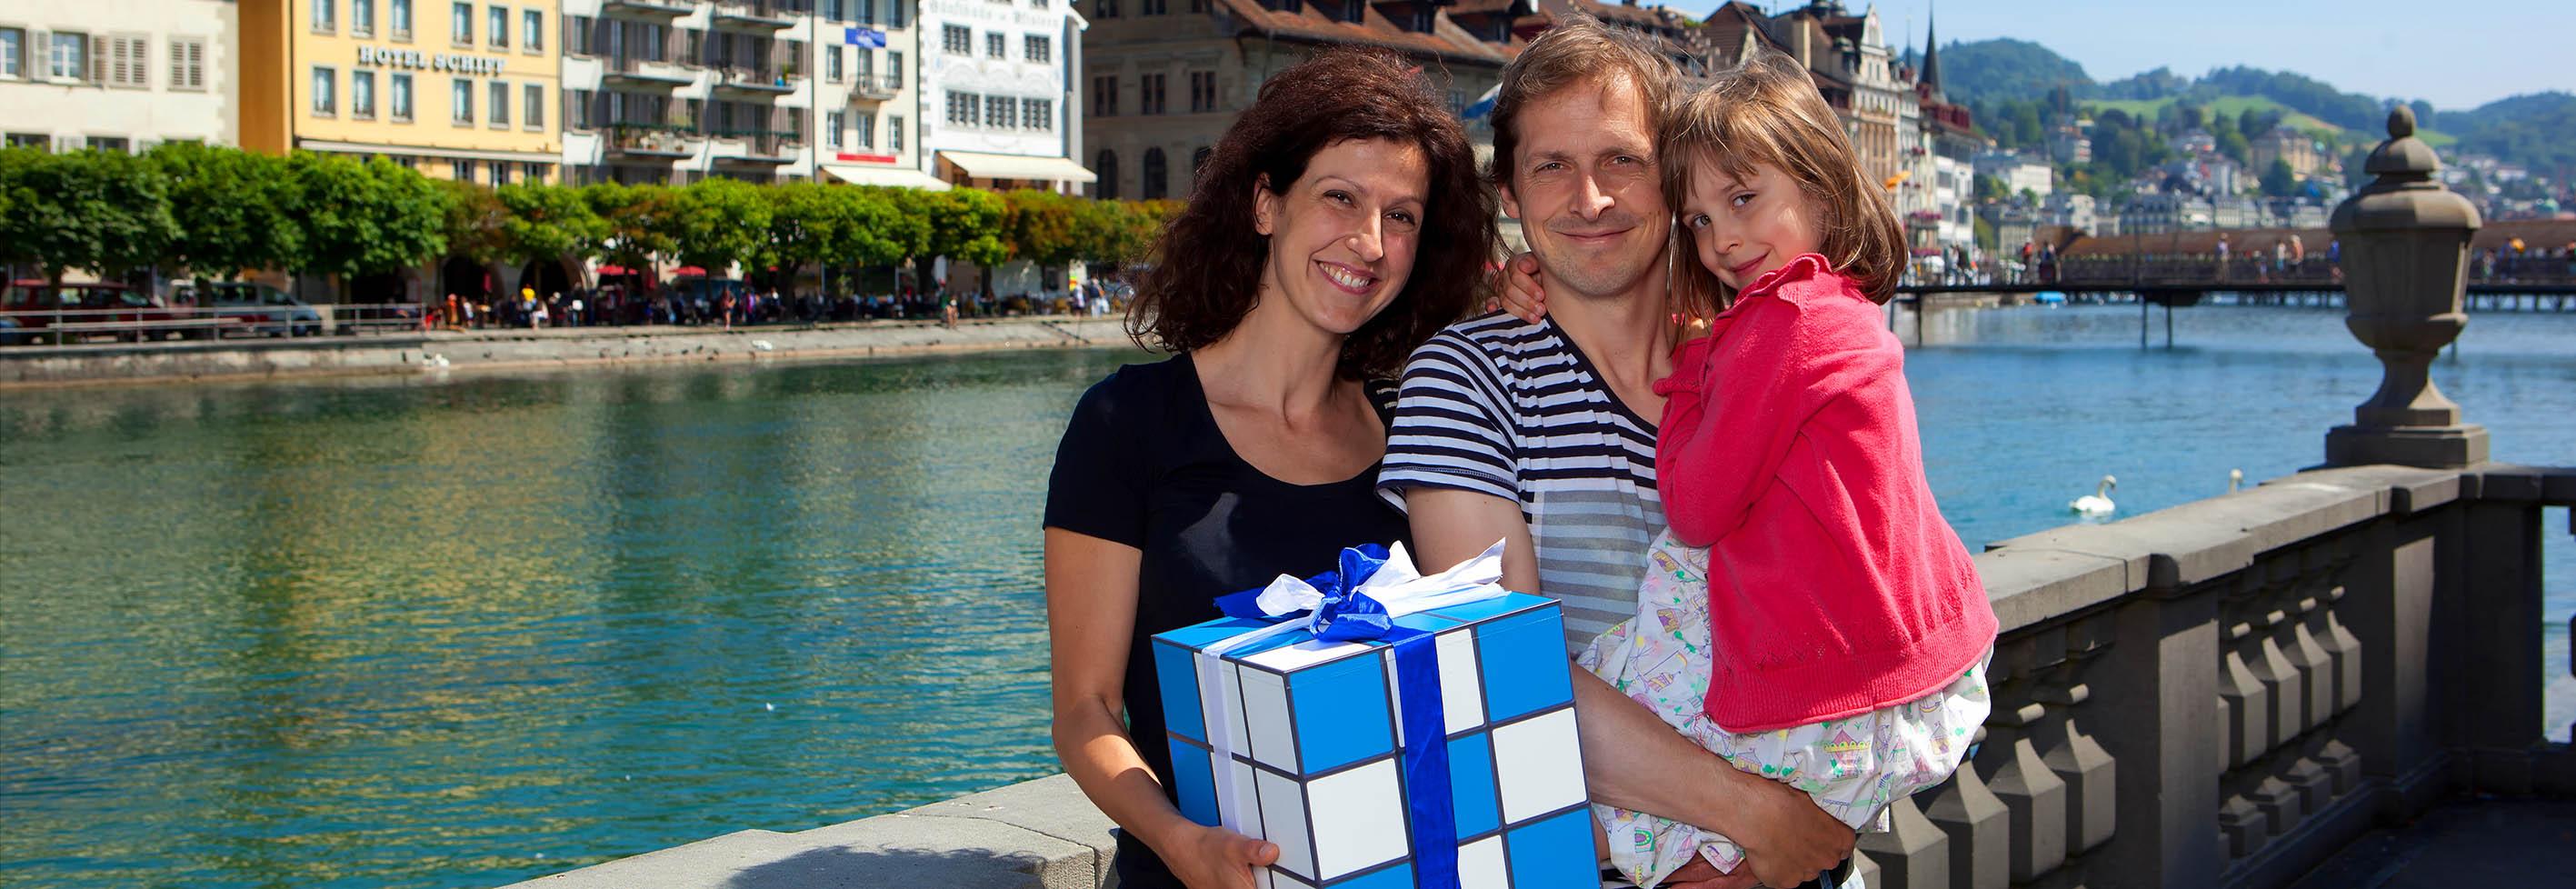 Leben in Luzern